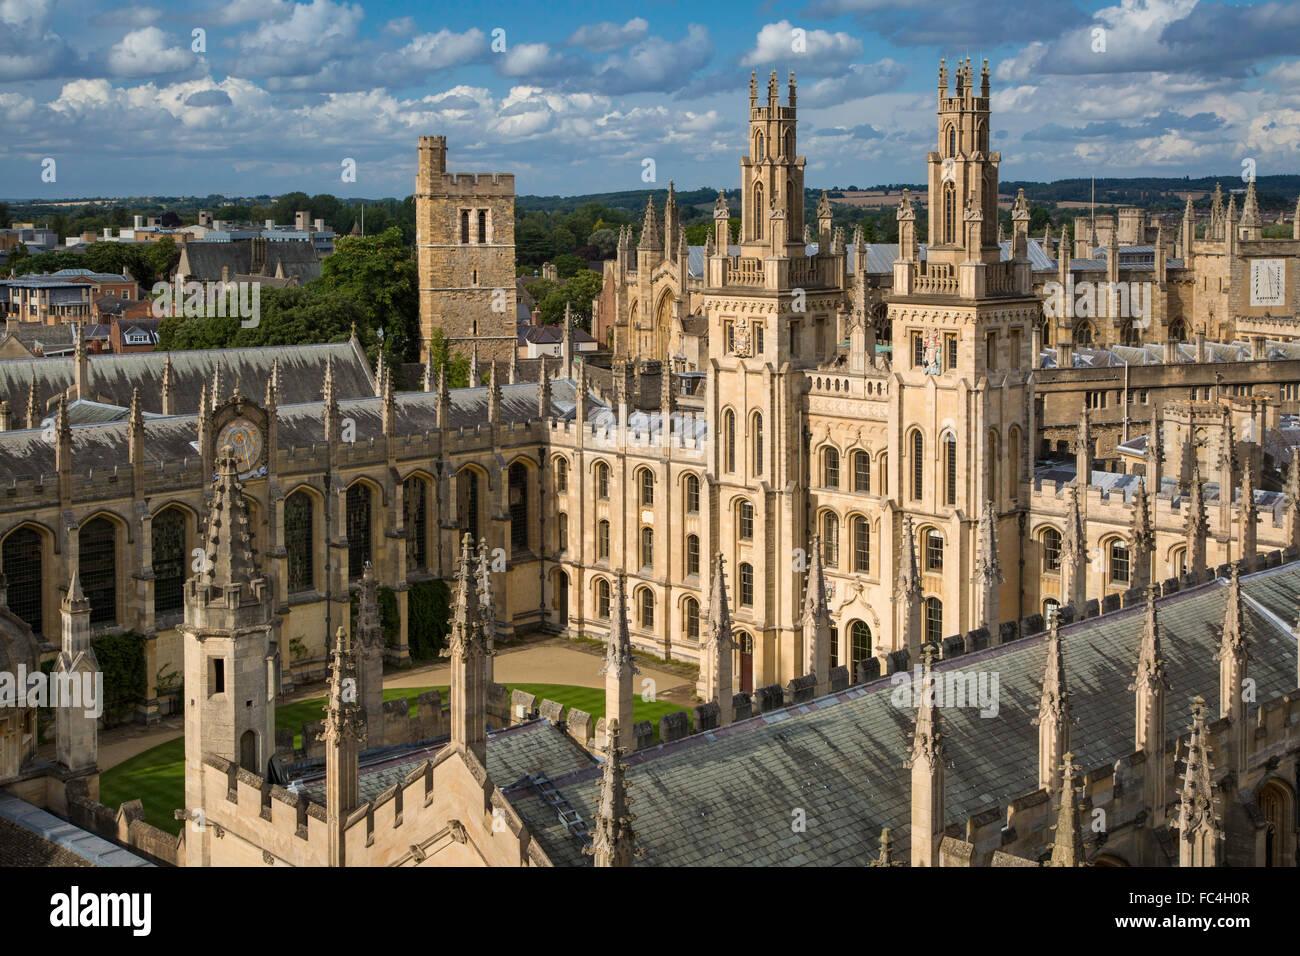 All Souls College et le nombre de spires de l'Université d'Oxford, Oxfordshire, Angleterre Photo Stock